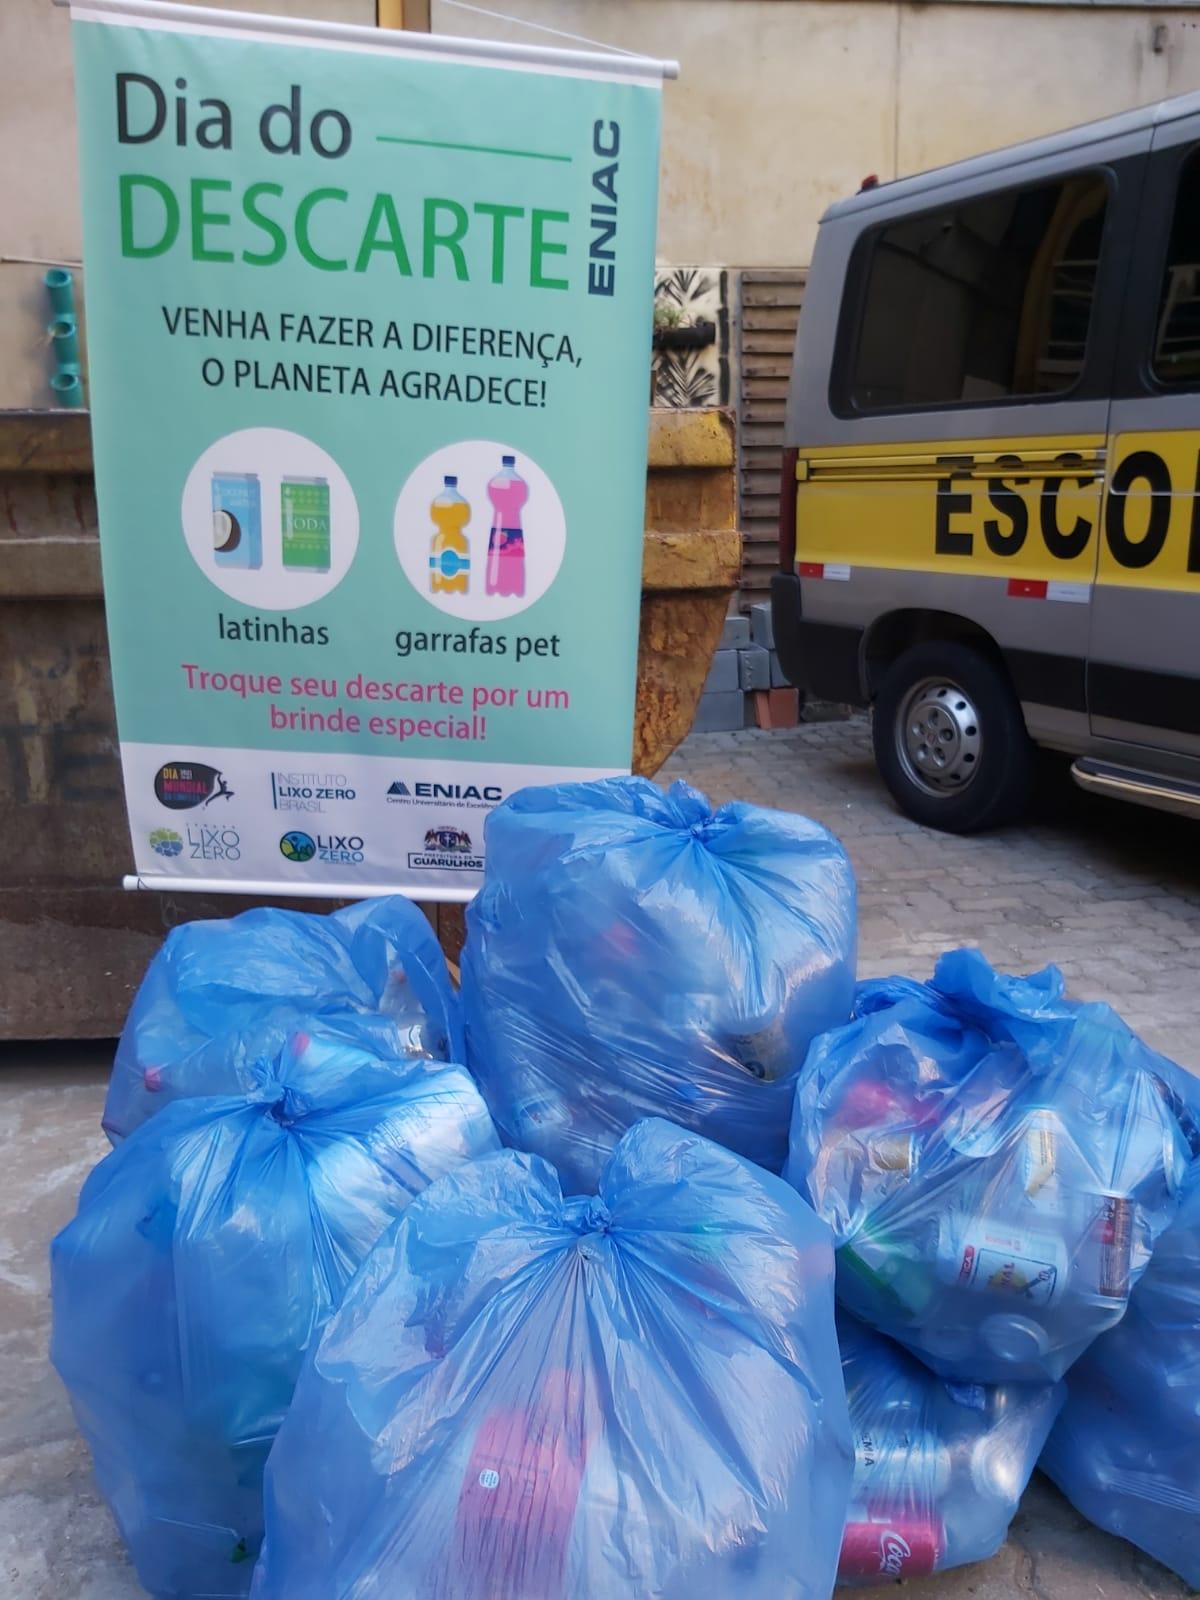 Dia do Descarte, prévia da Semana do Lixo Zero, supera expectativas